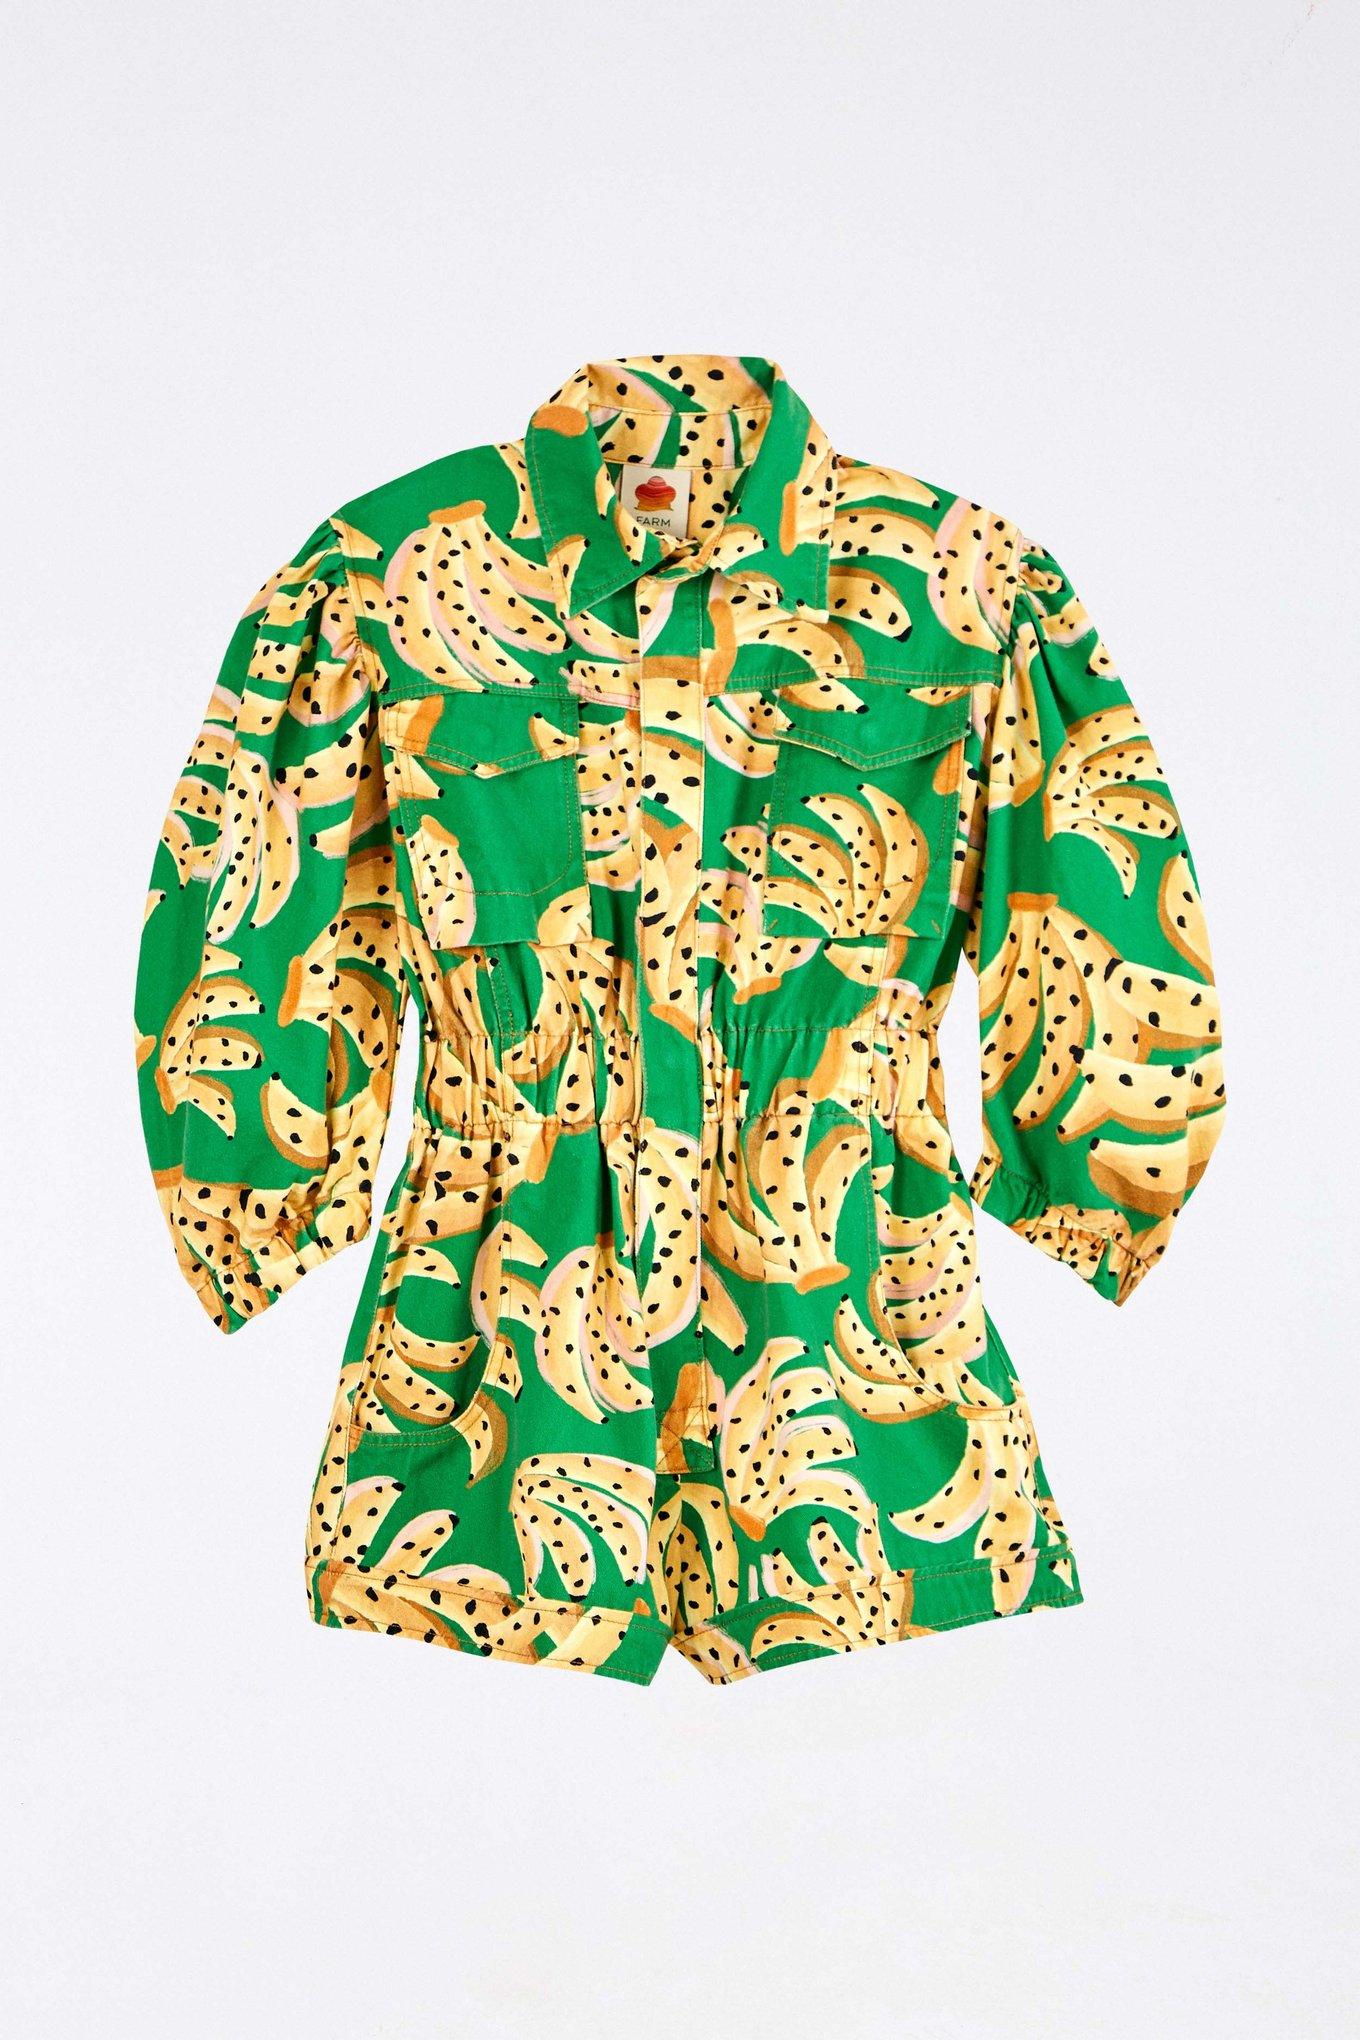 Green Raining Bananas Twill Romper $195